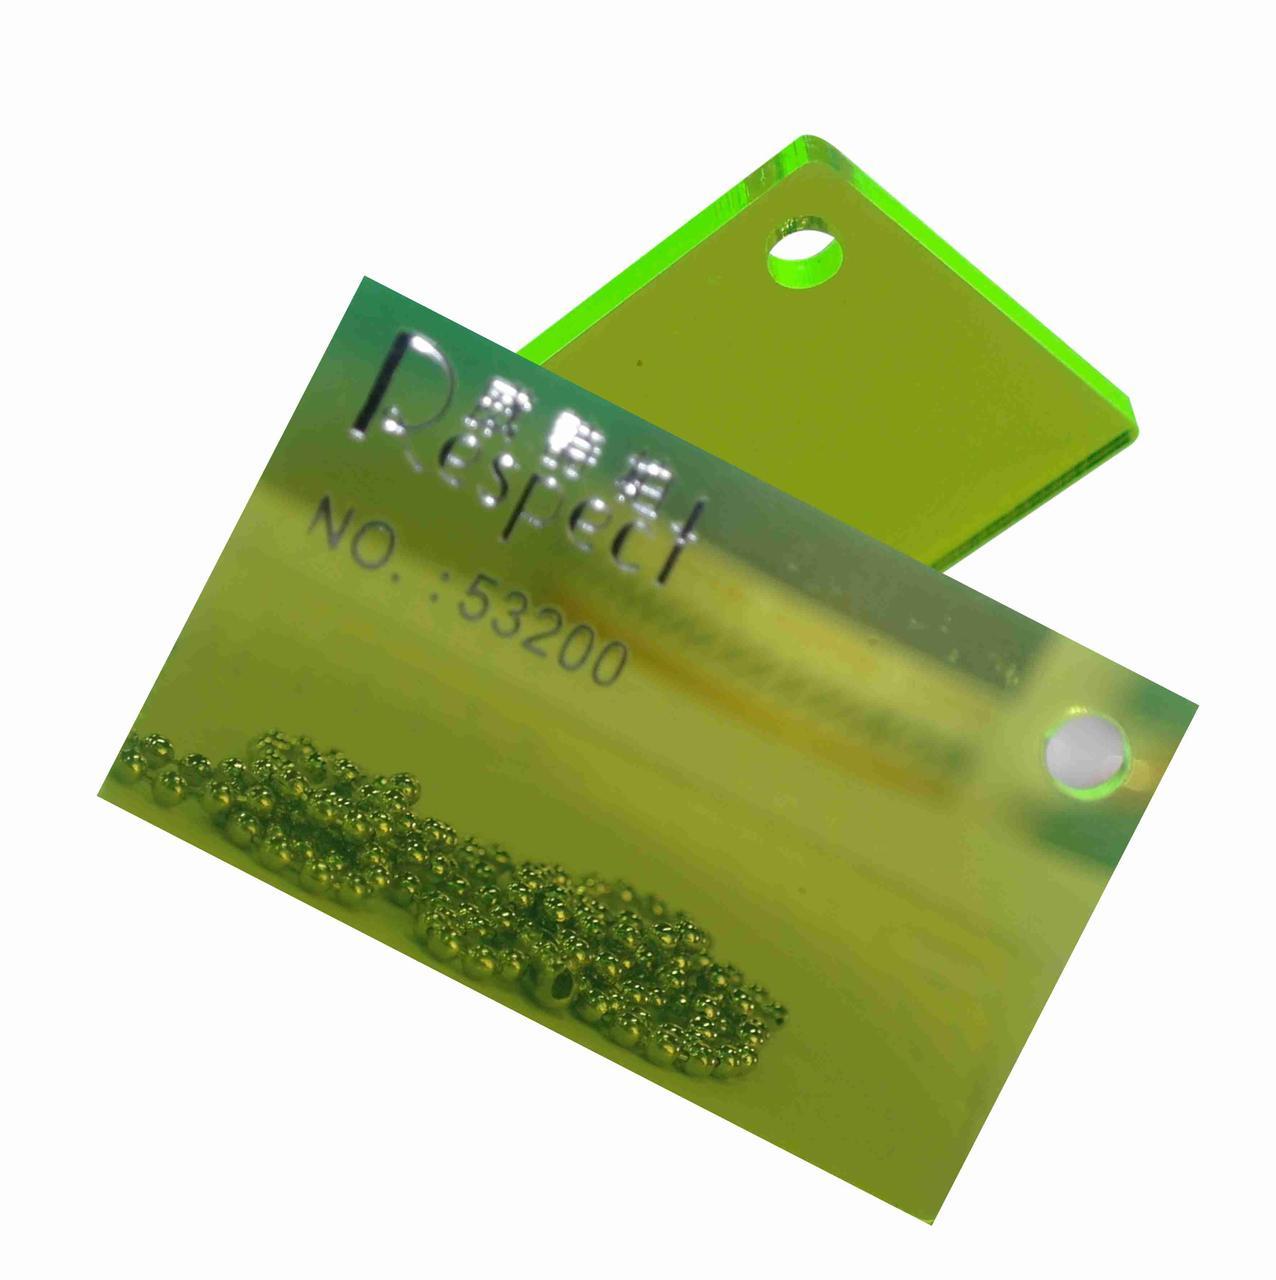 Акрил Флюоресцентный зеленый №53200 (3мм) 1,22мХ2,44м